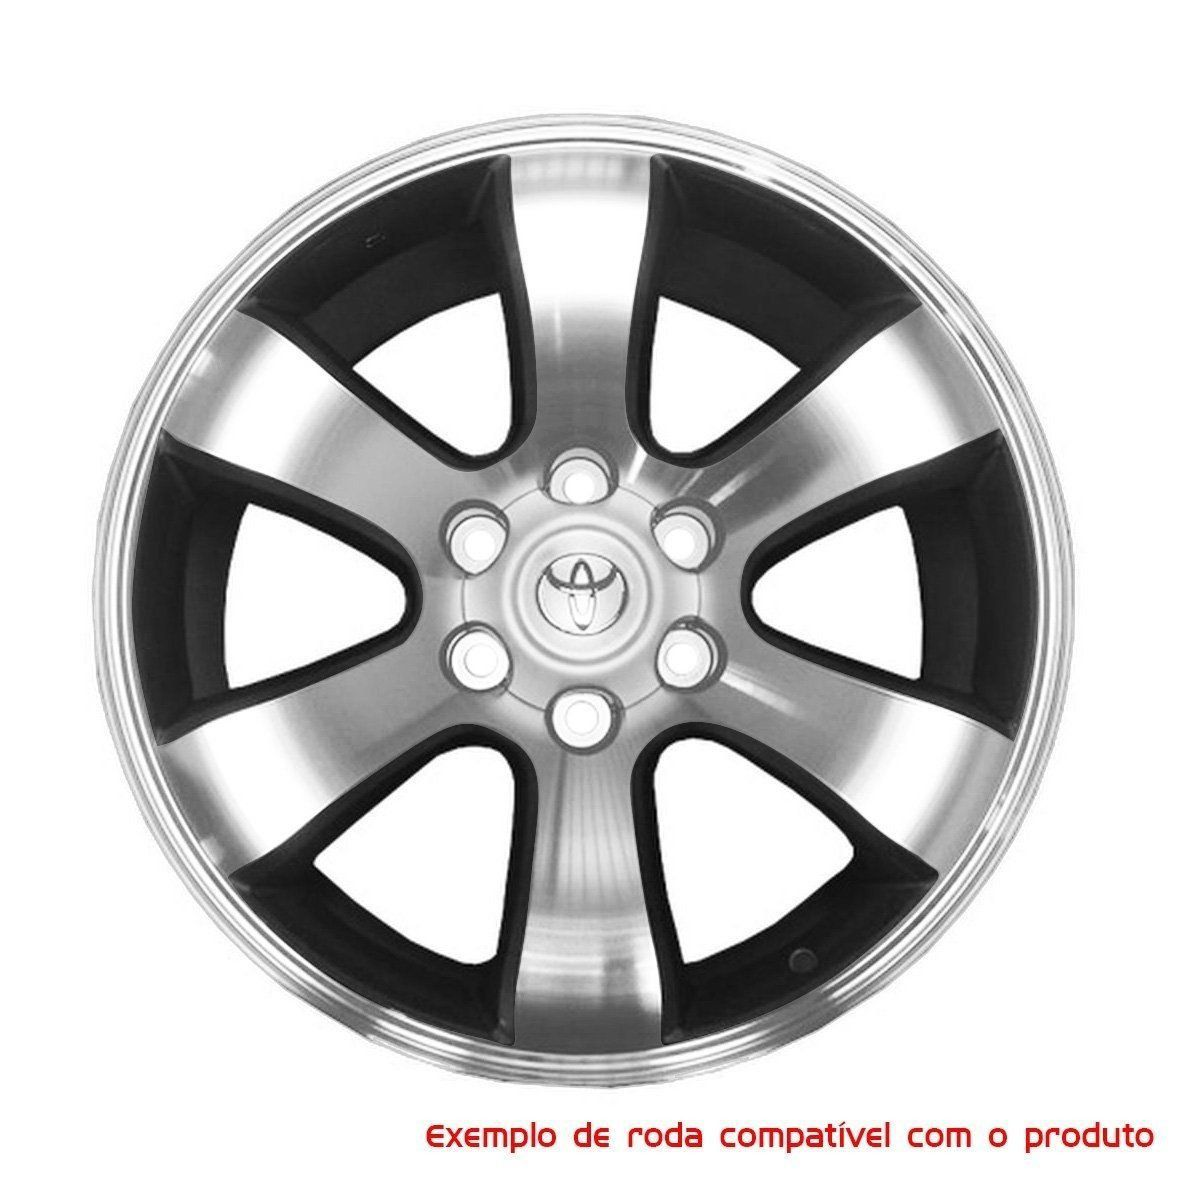 Jogo 4 Calota Miolo De Roda Toyota Hilux Prado Z160 - Prata